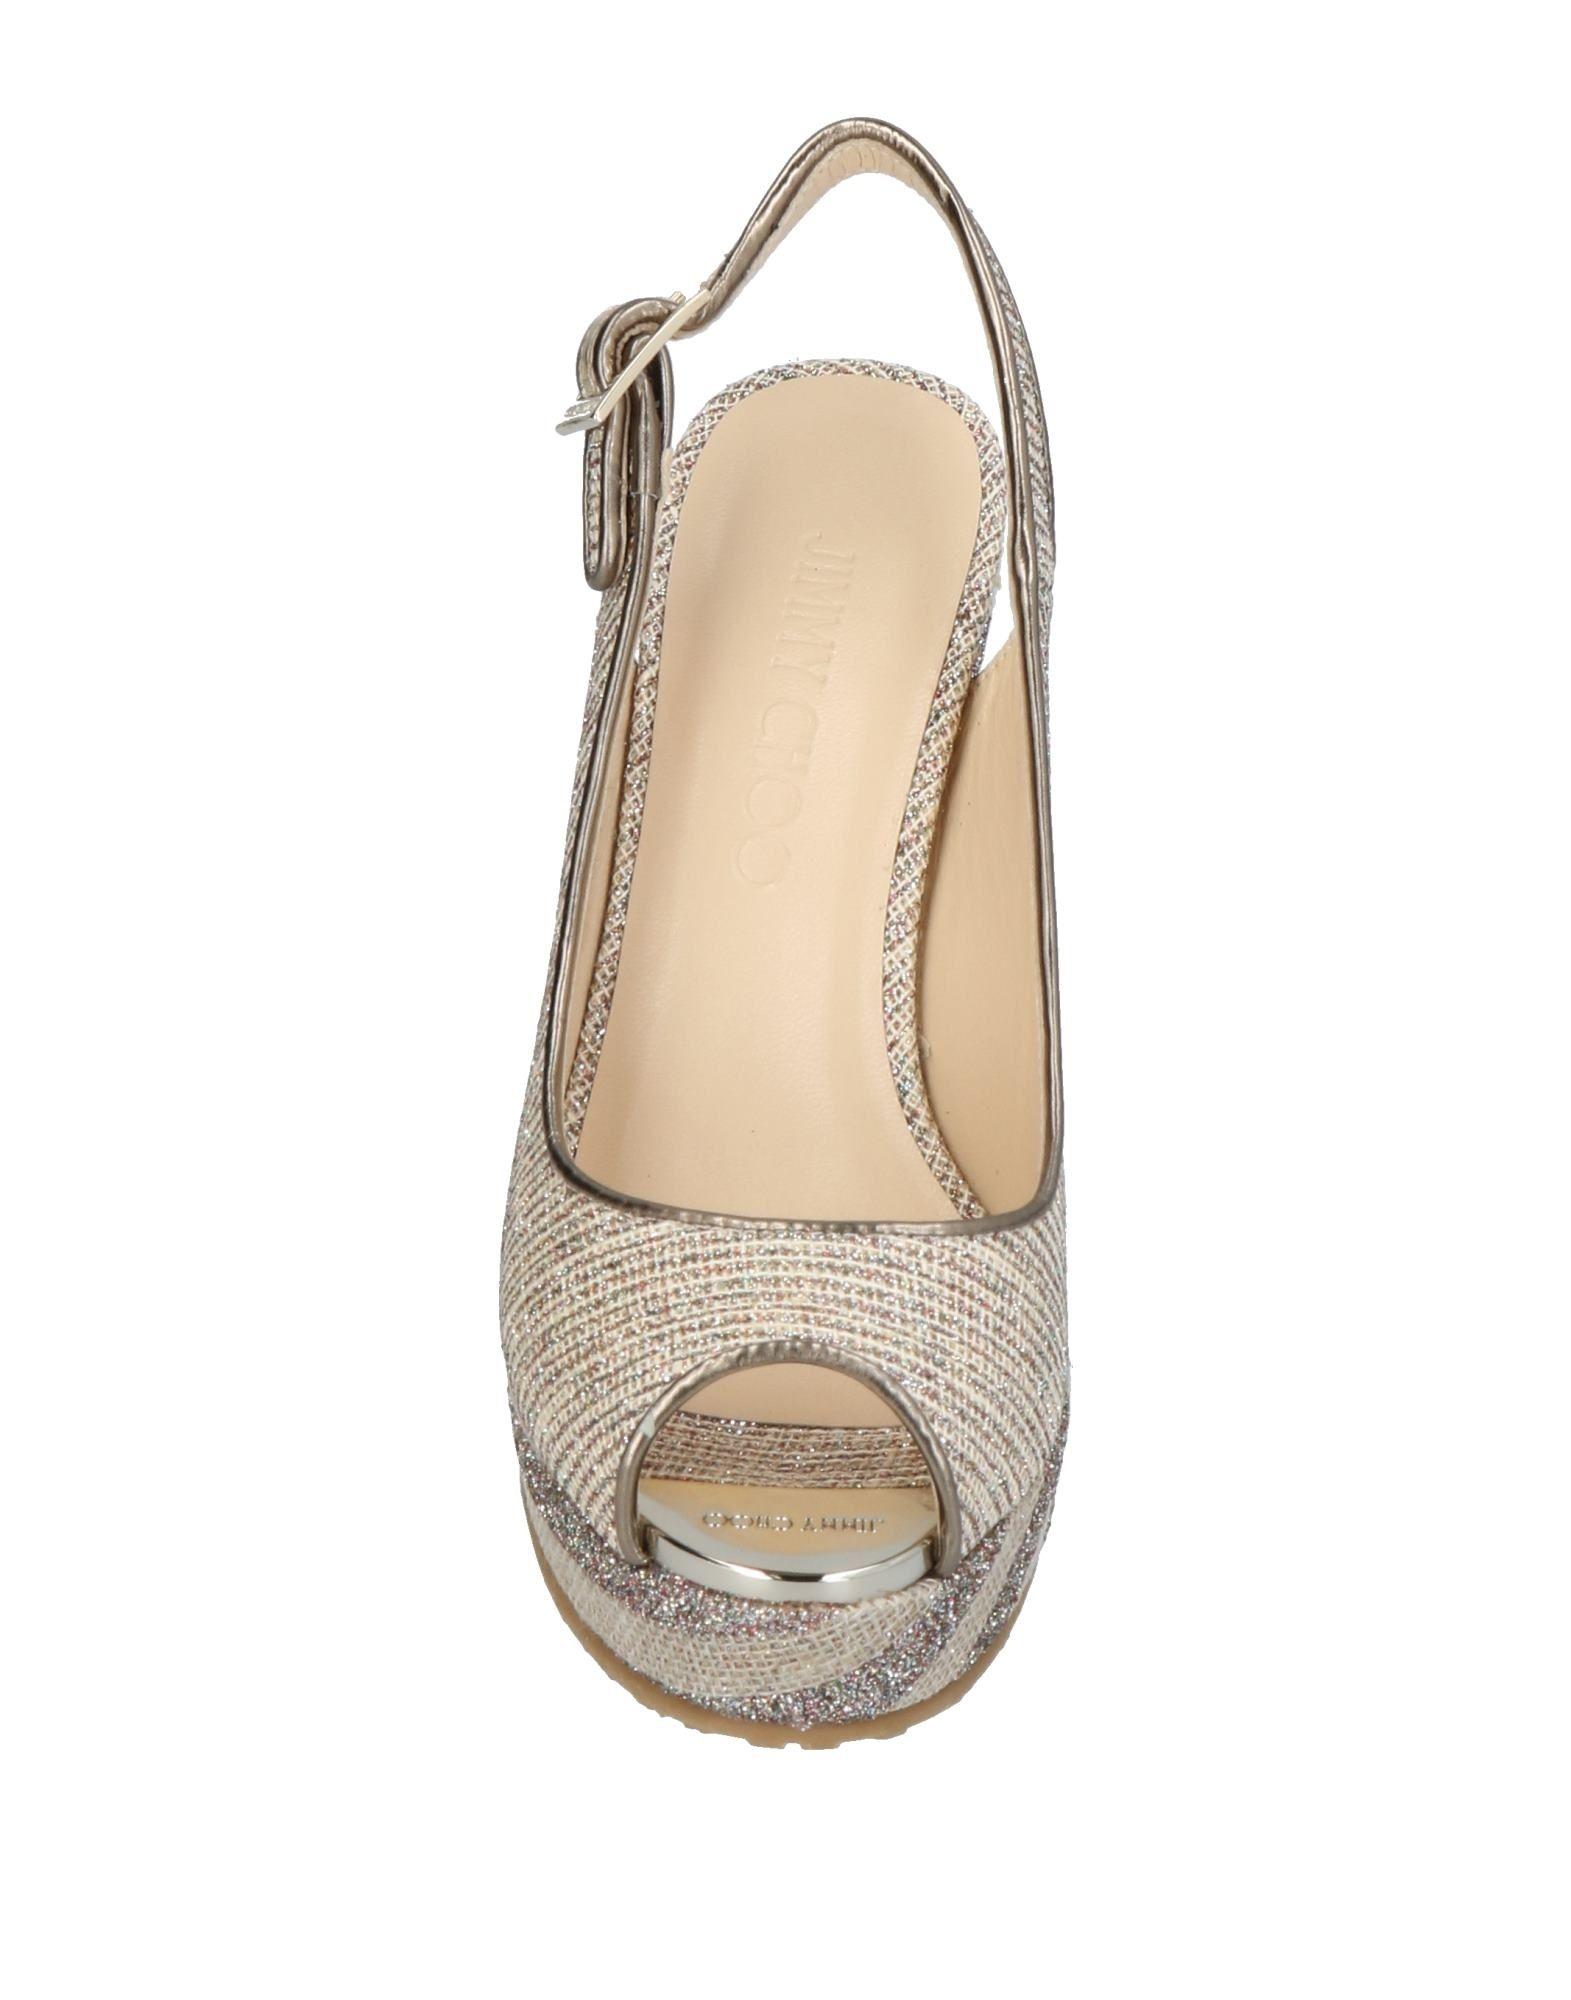 jimmy choo sandales - femmes jimmy choo choo choo sandales en ligne sur canada 47ab28